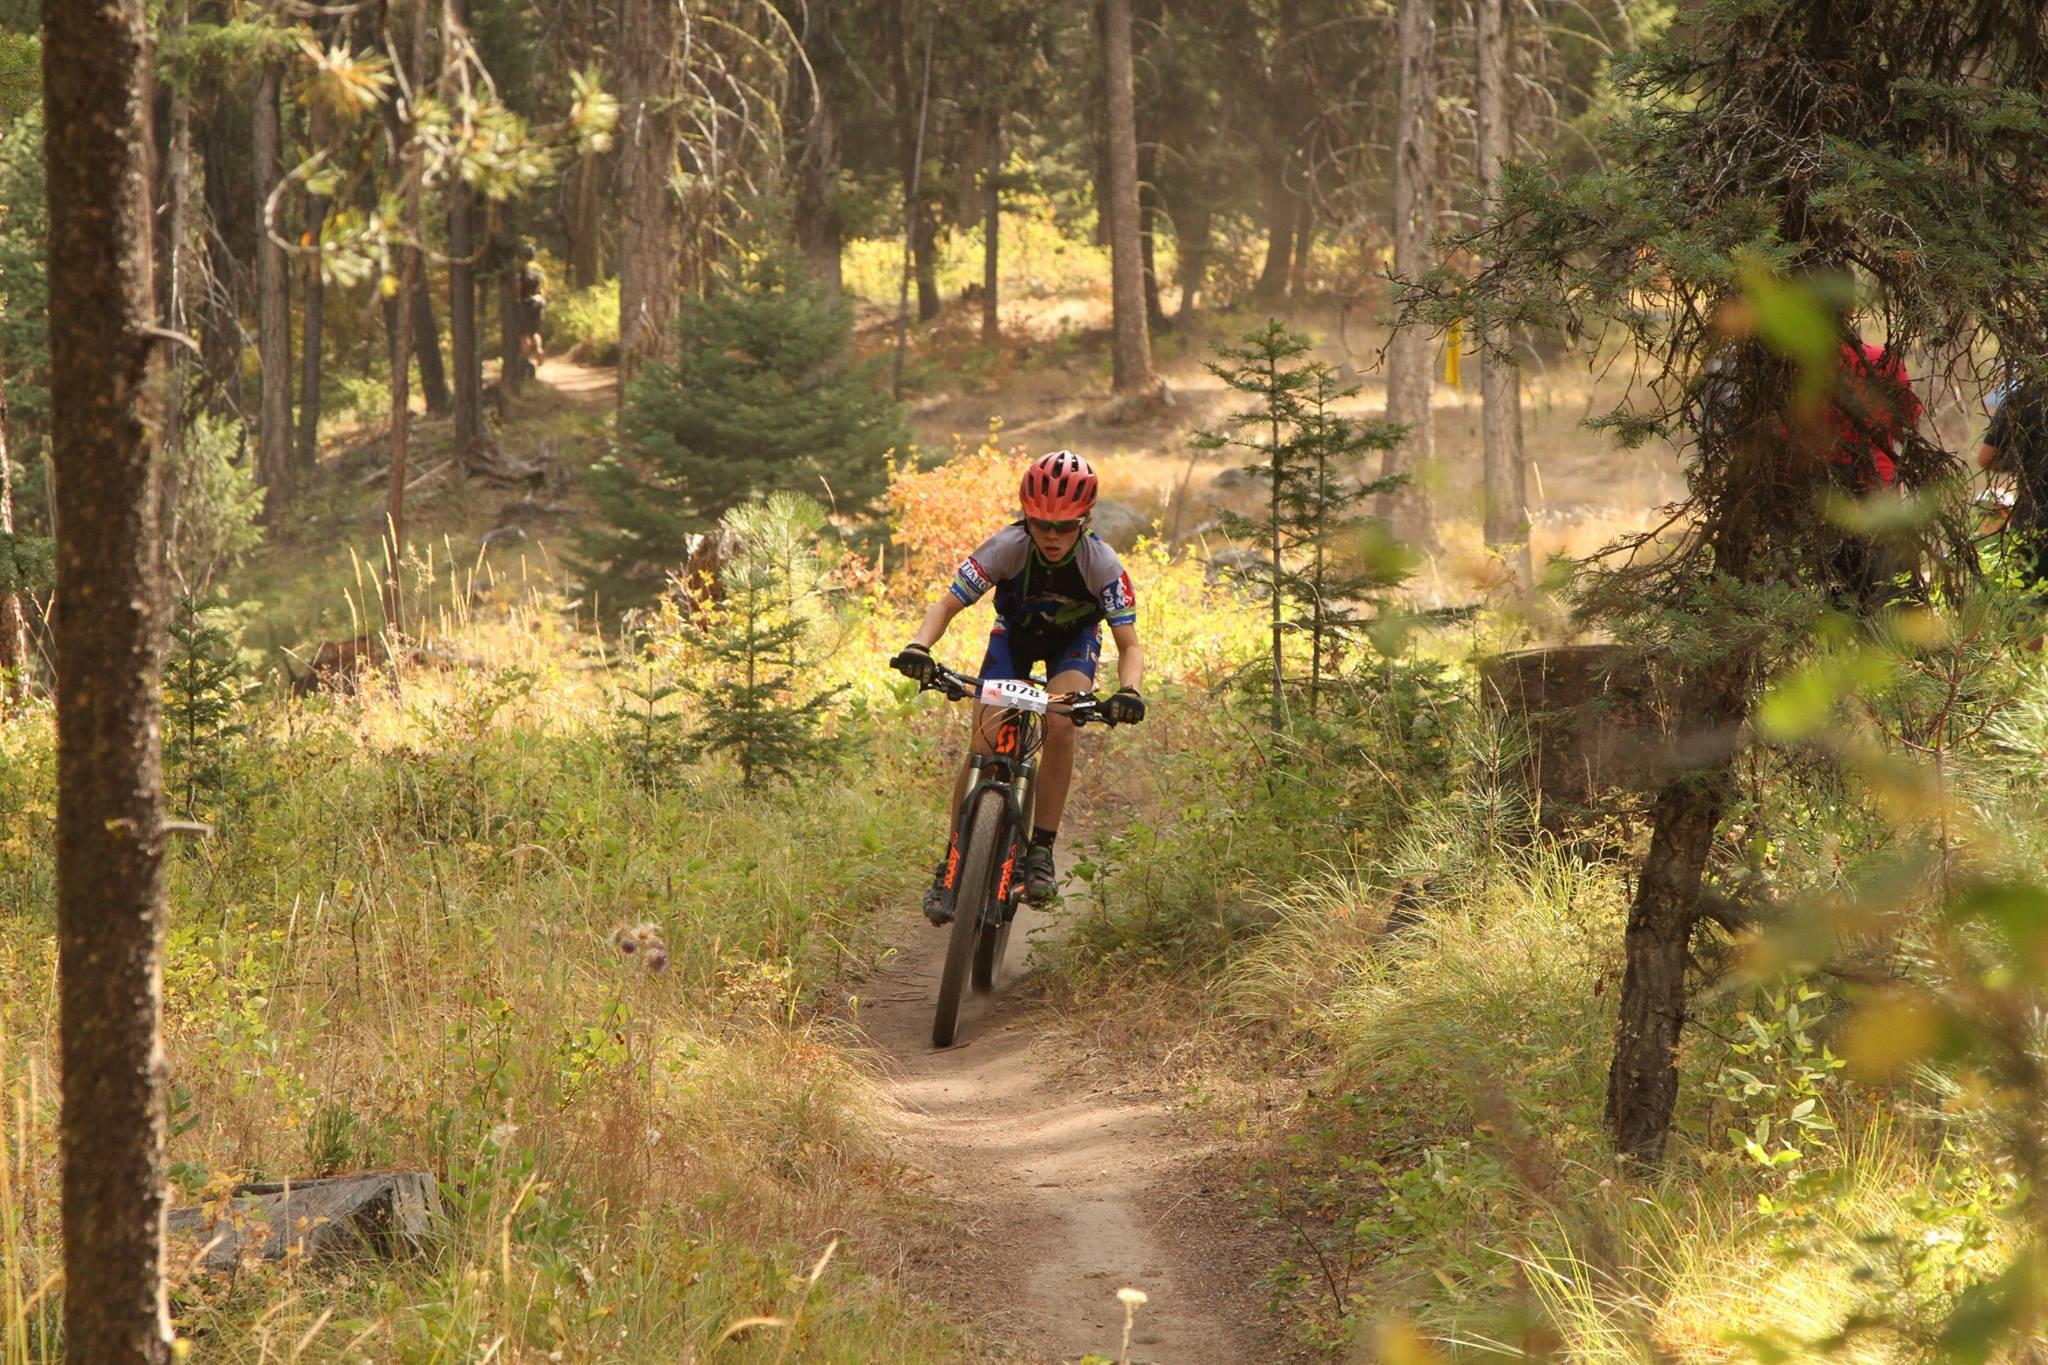 Idaho Youth Cycling